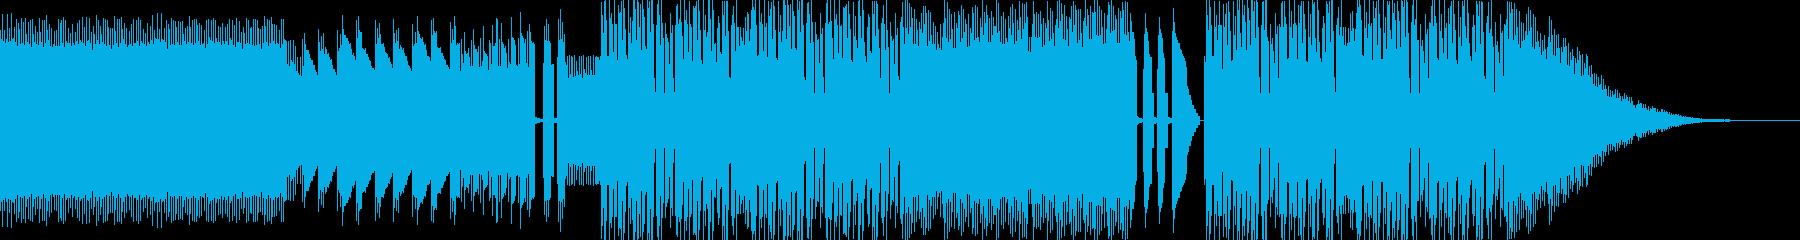 レトロゲームサウンド 戦闘曲 バトルの再生済みの波形